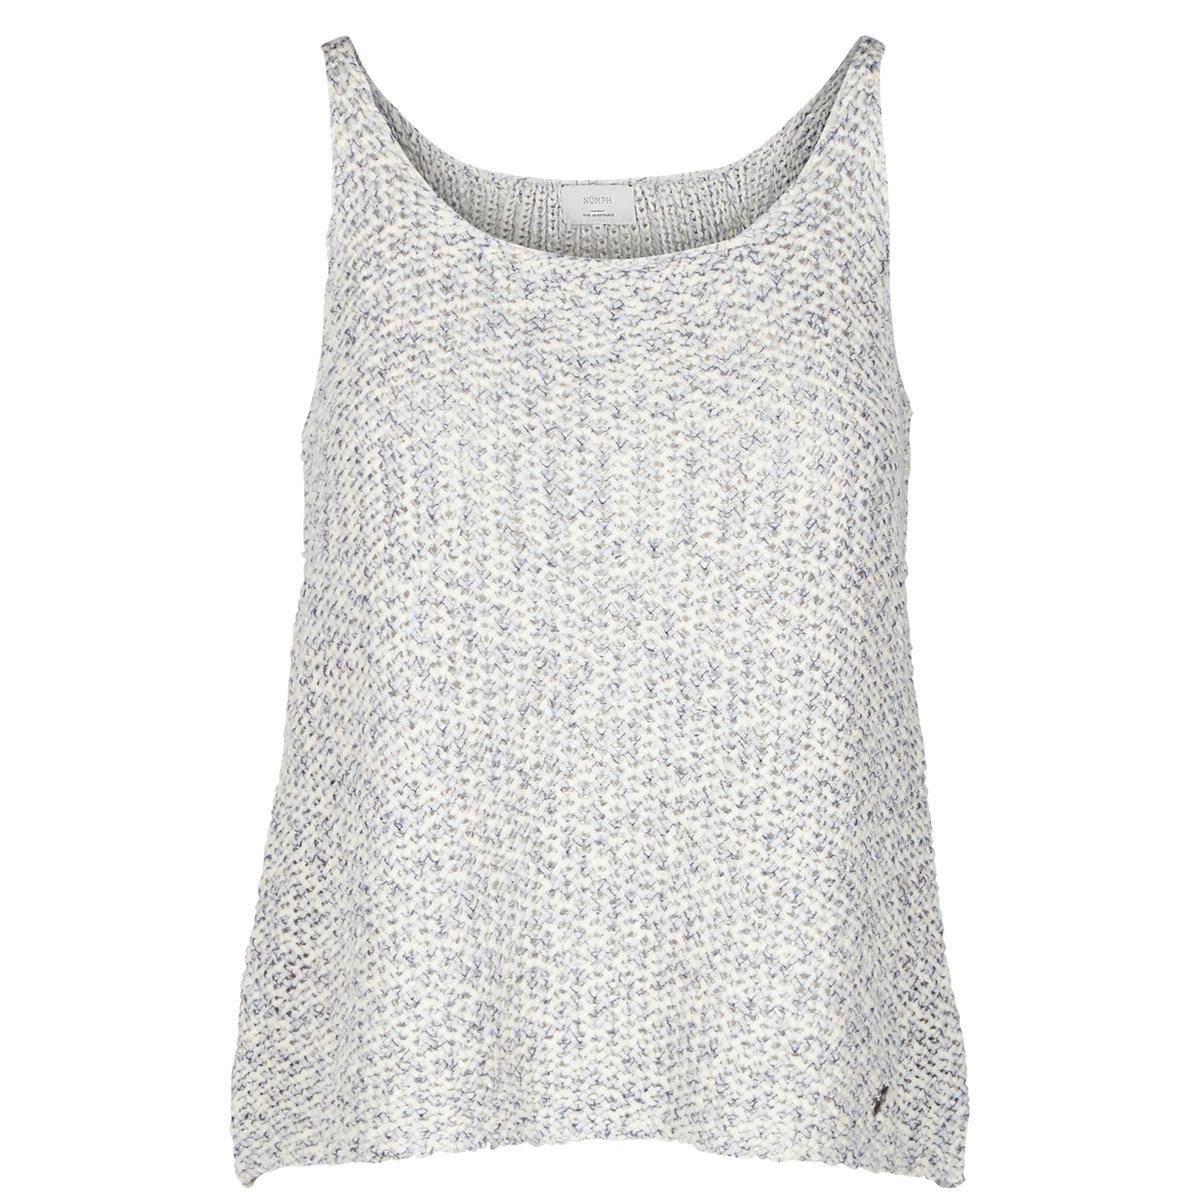 Пуловер без рукавовДетали   •  Пуловер классический  •  Без рукавов  •   V-образный вырез  •  Тонкий трикотаж Состав и уход  •  74% хлопка, 26% полиэстера  • Просьба следовать советам по уходу, указанным на этикетке изделия<br><br>Цвет: небесно-голубой<br>Размер: XS.XL.L.M